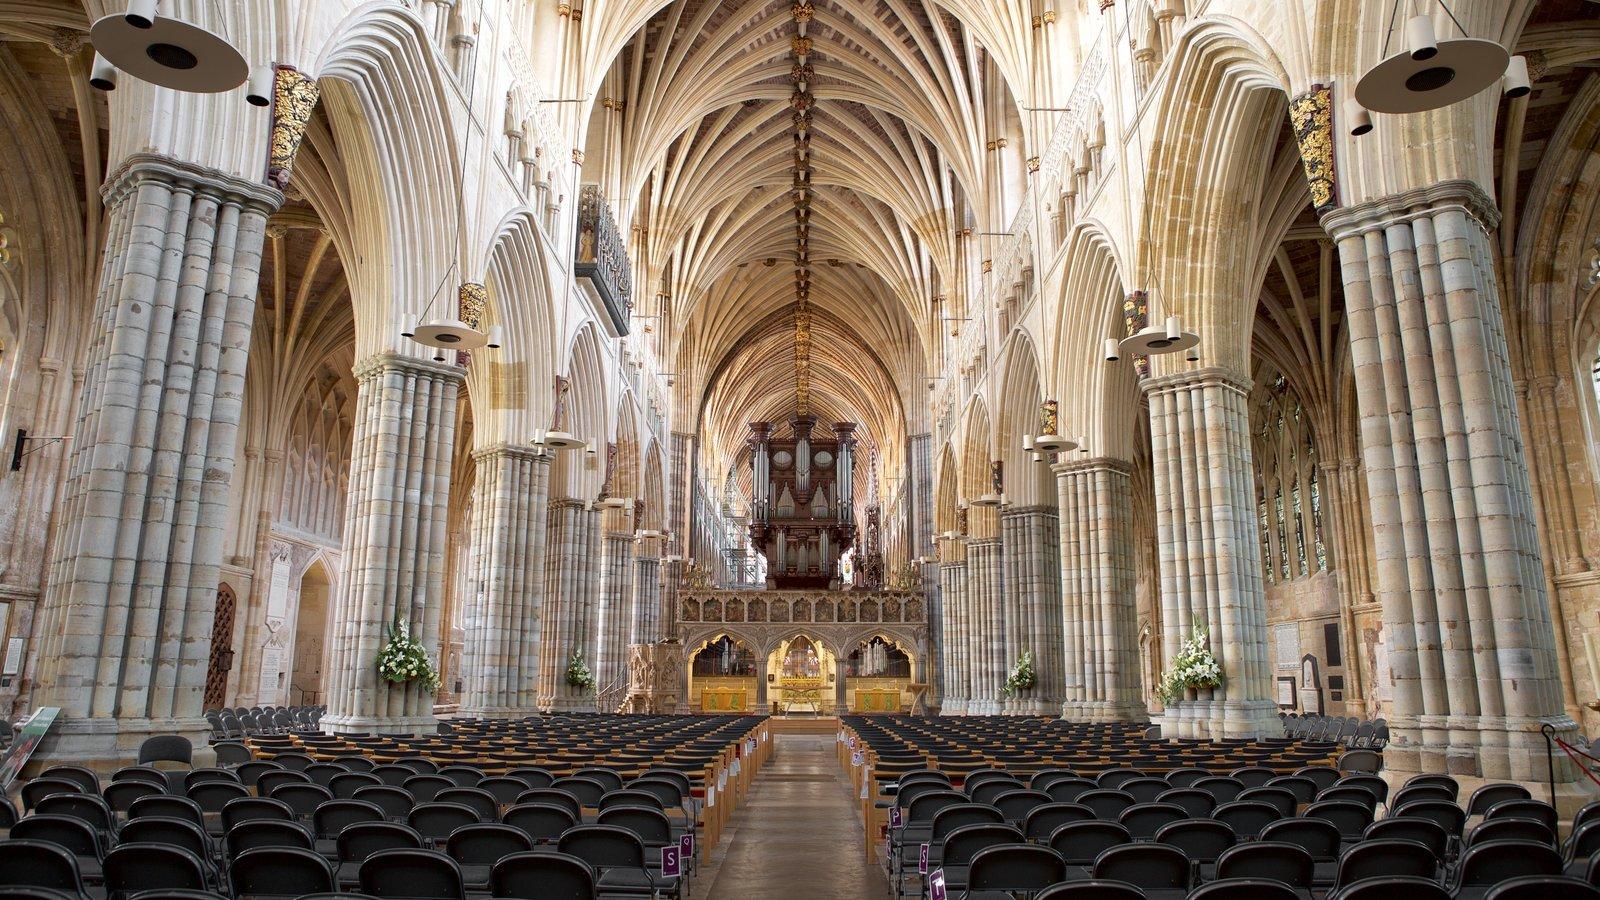 Exeter Cathedral mostrando uma igreja ou catedral, aspectos religiosos e arquitetura de patrimônio